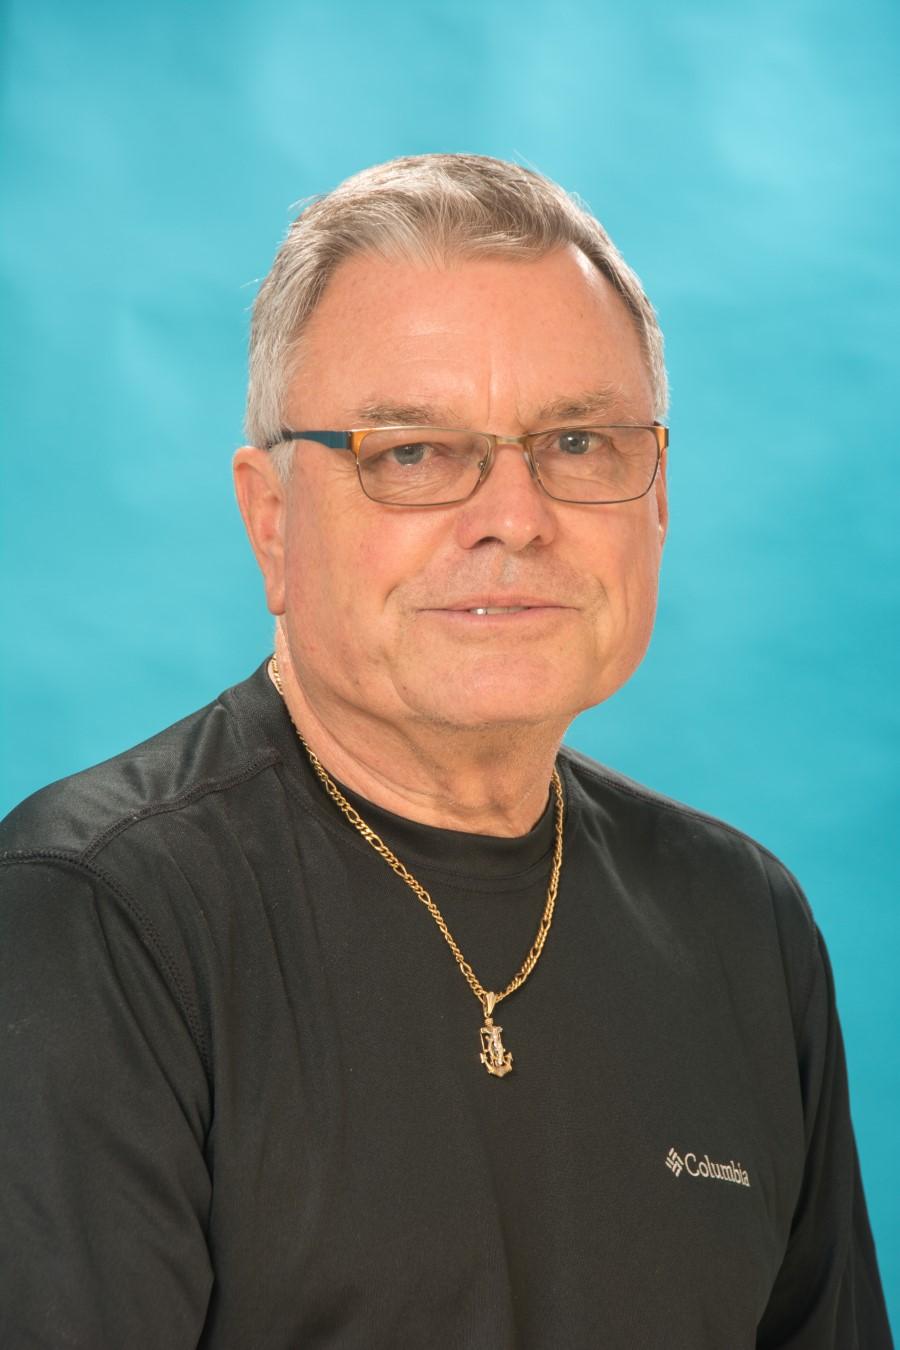 Dennis Rauschl